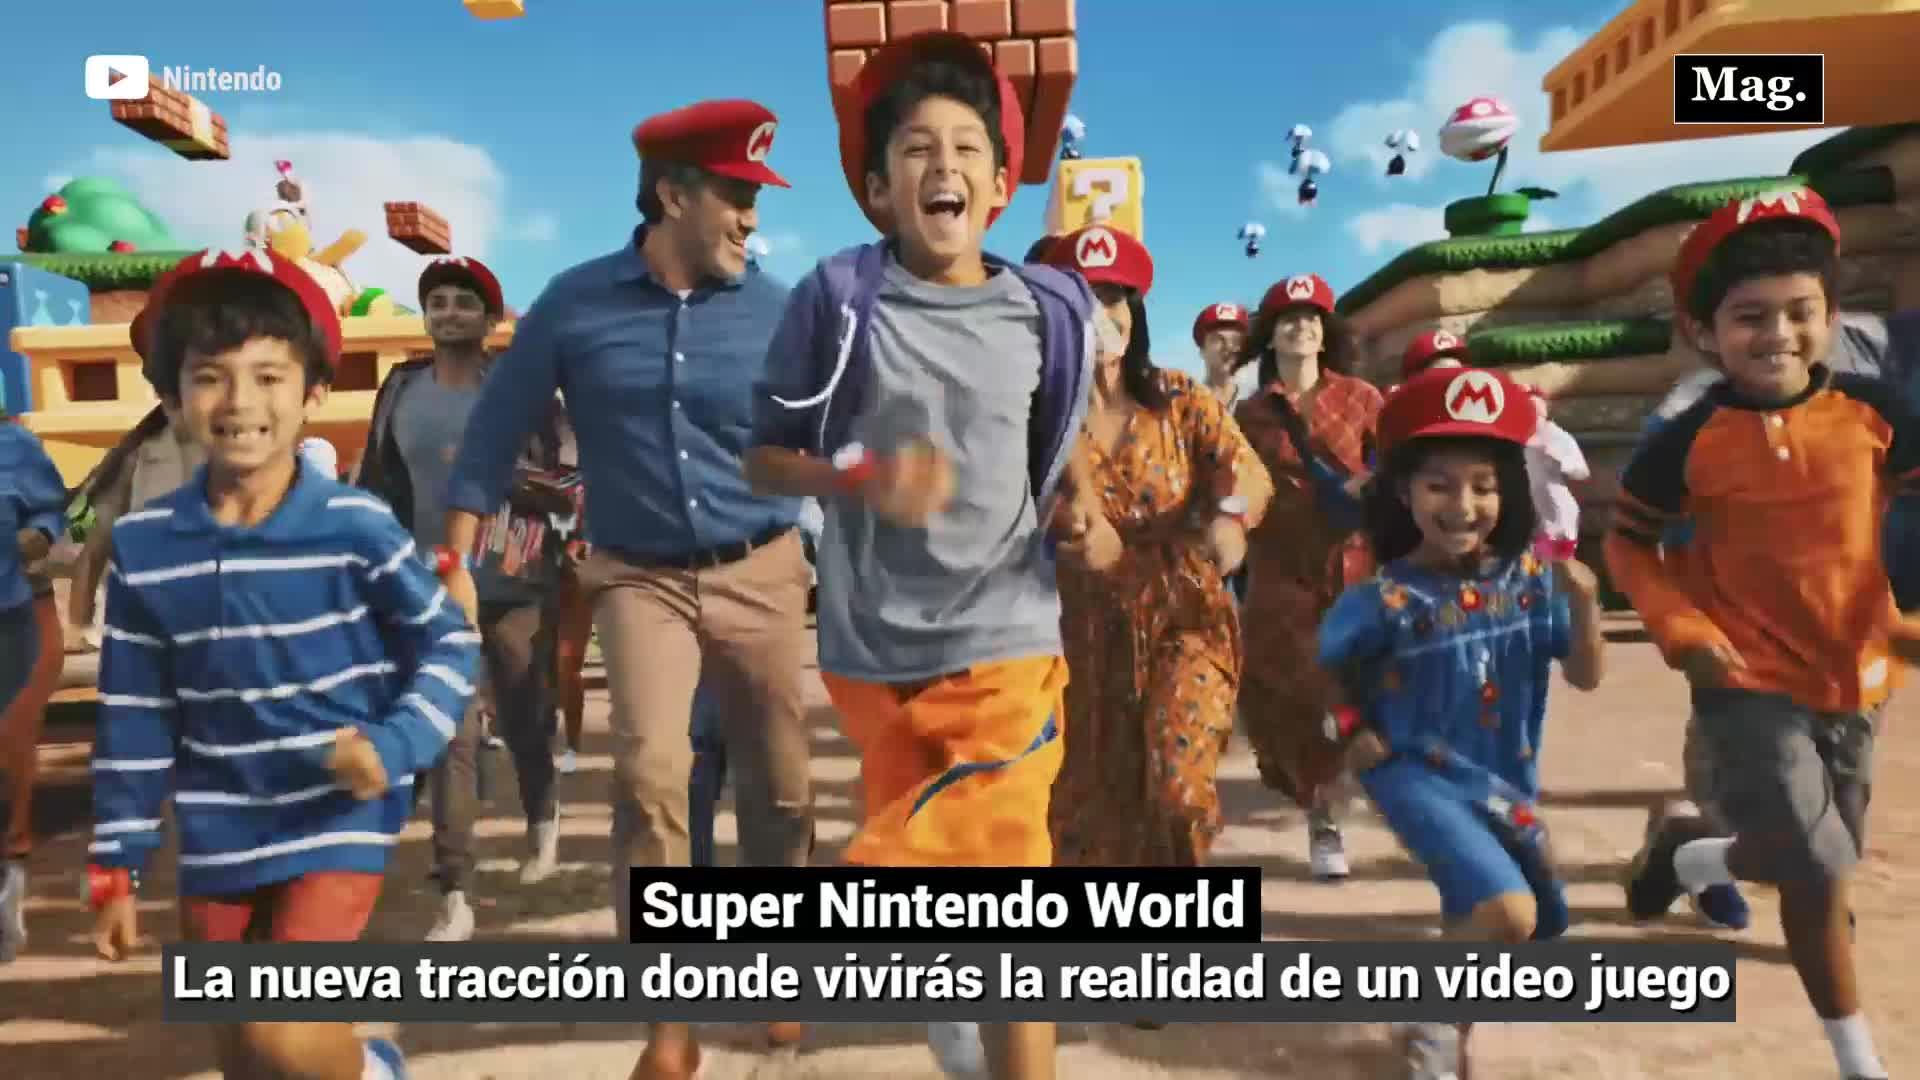 Super Nintendo World: Nintendo crea parque temático para jugar Super Mario en la vida real